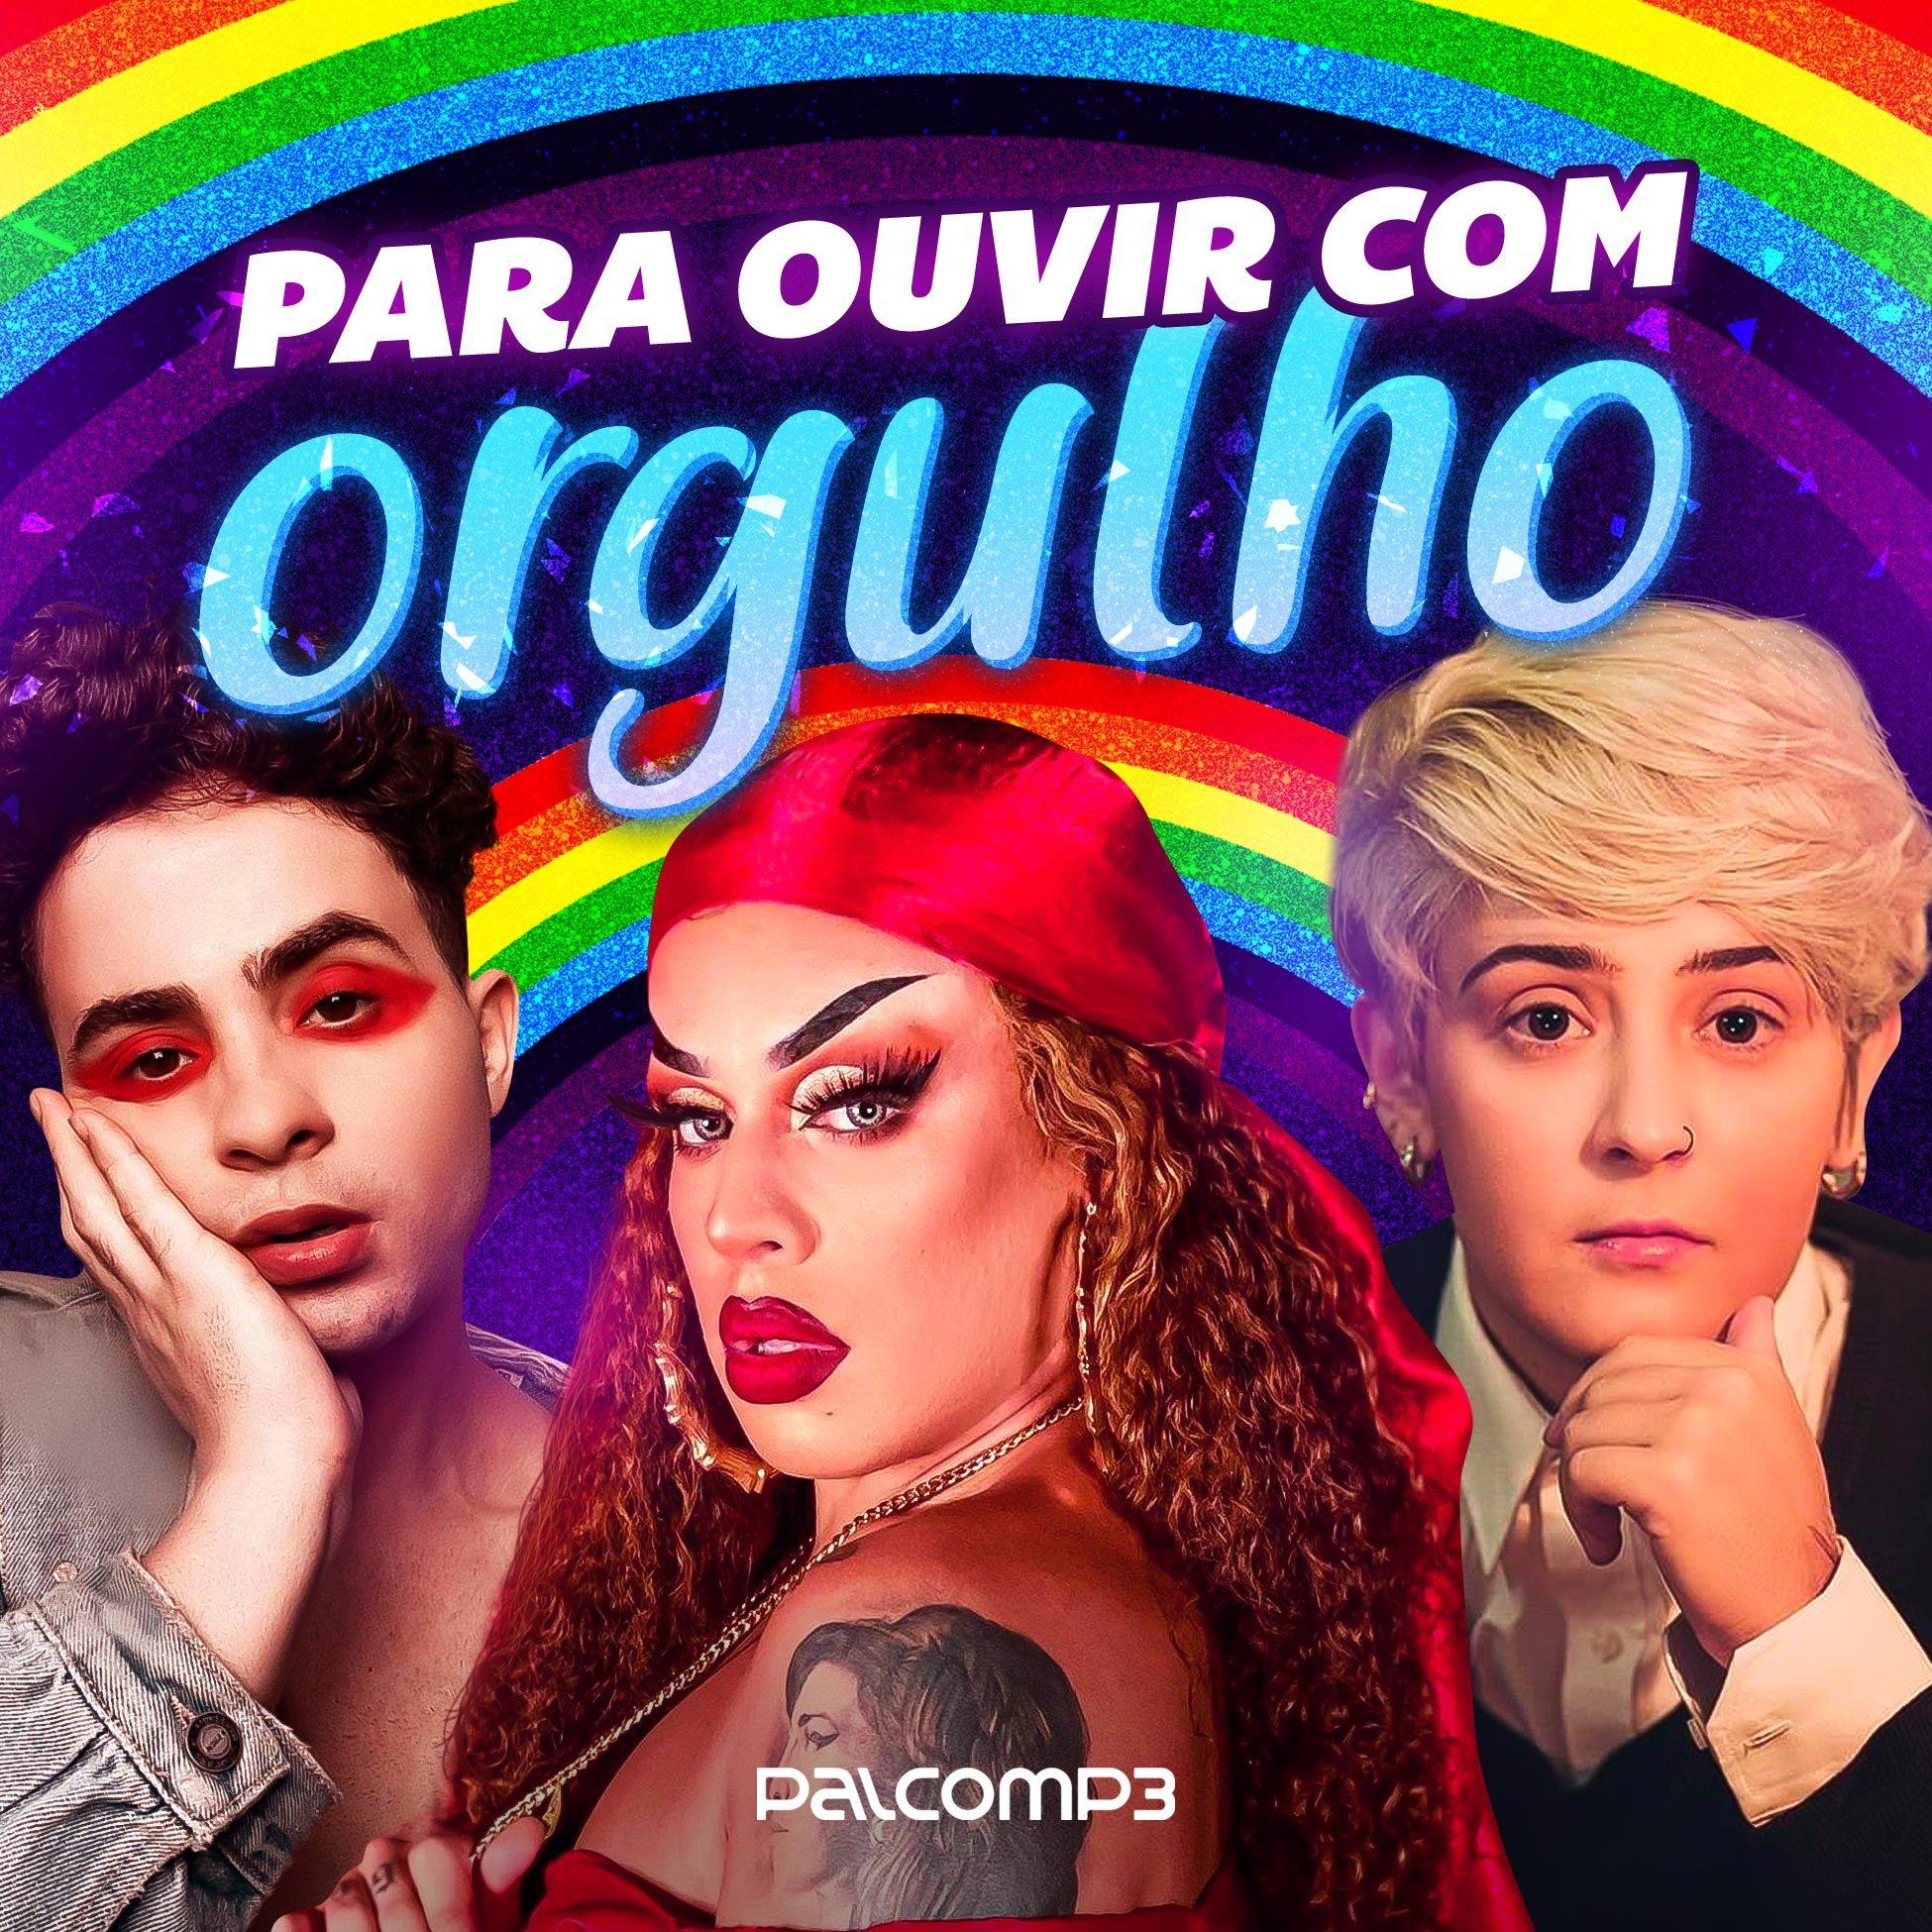 Palco MP3 divulga playlist com músicas de artistas LGBTQ+